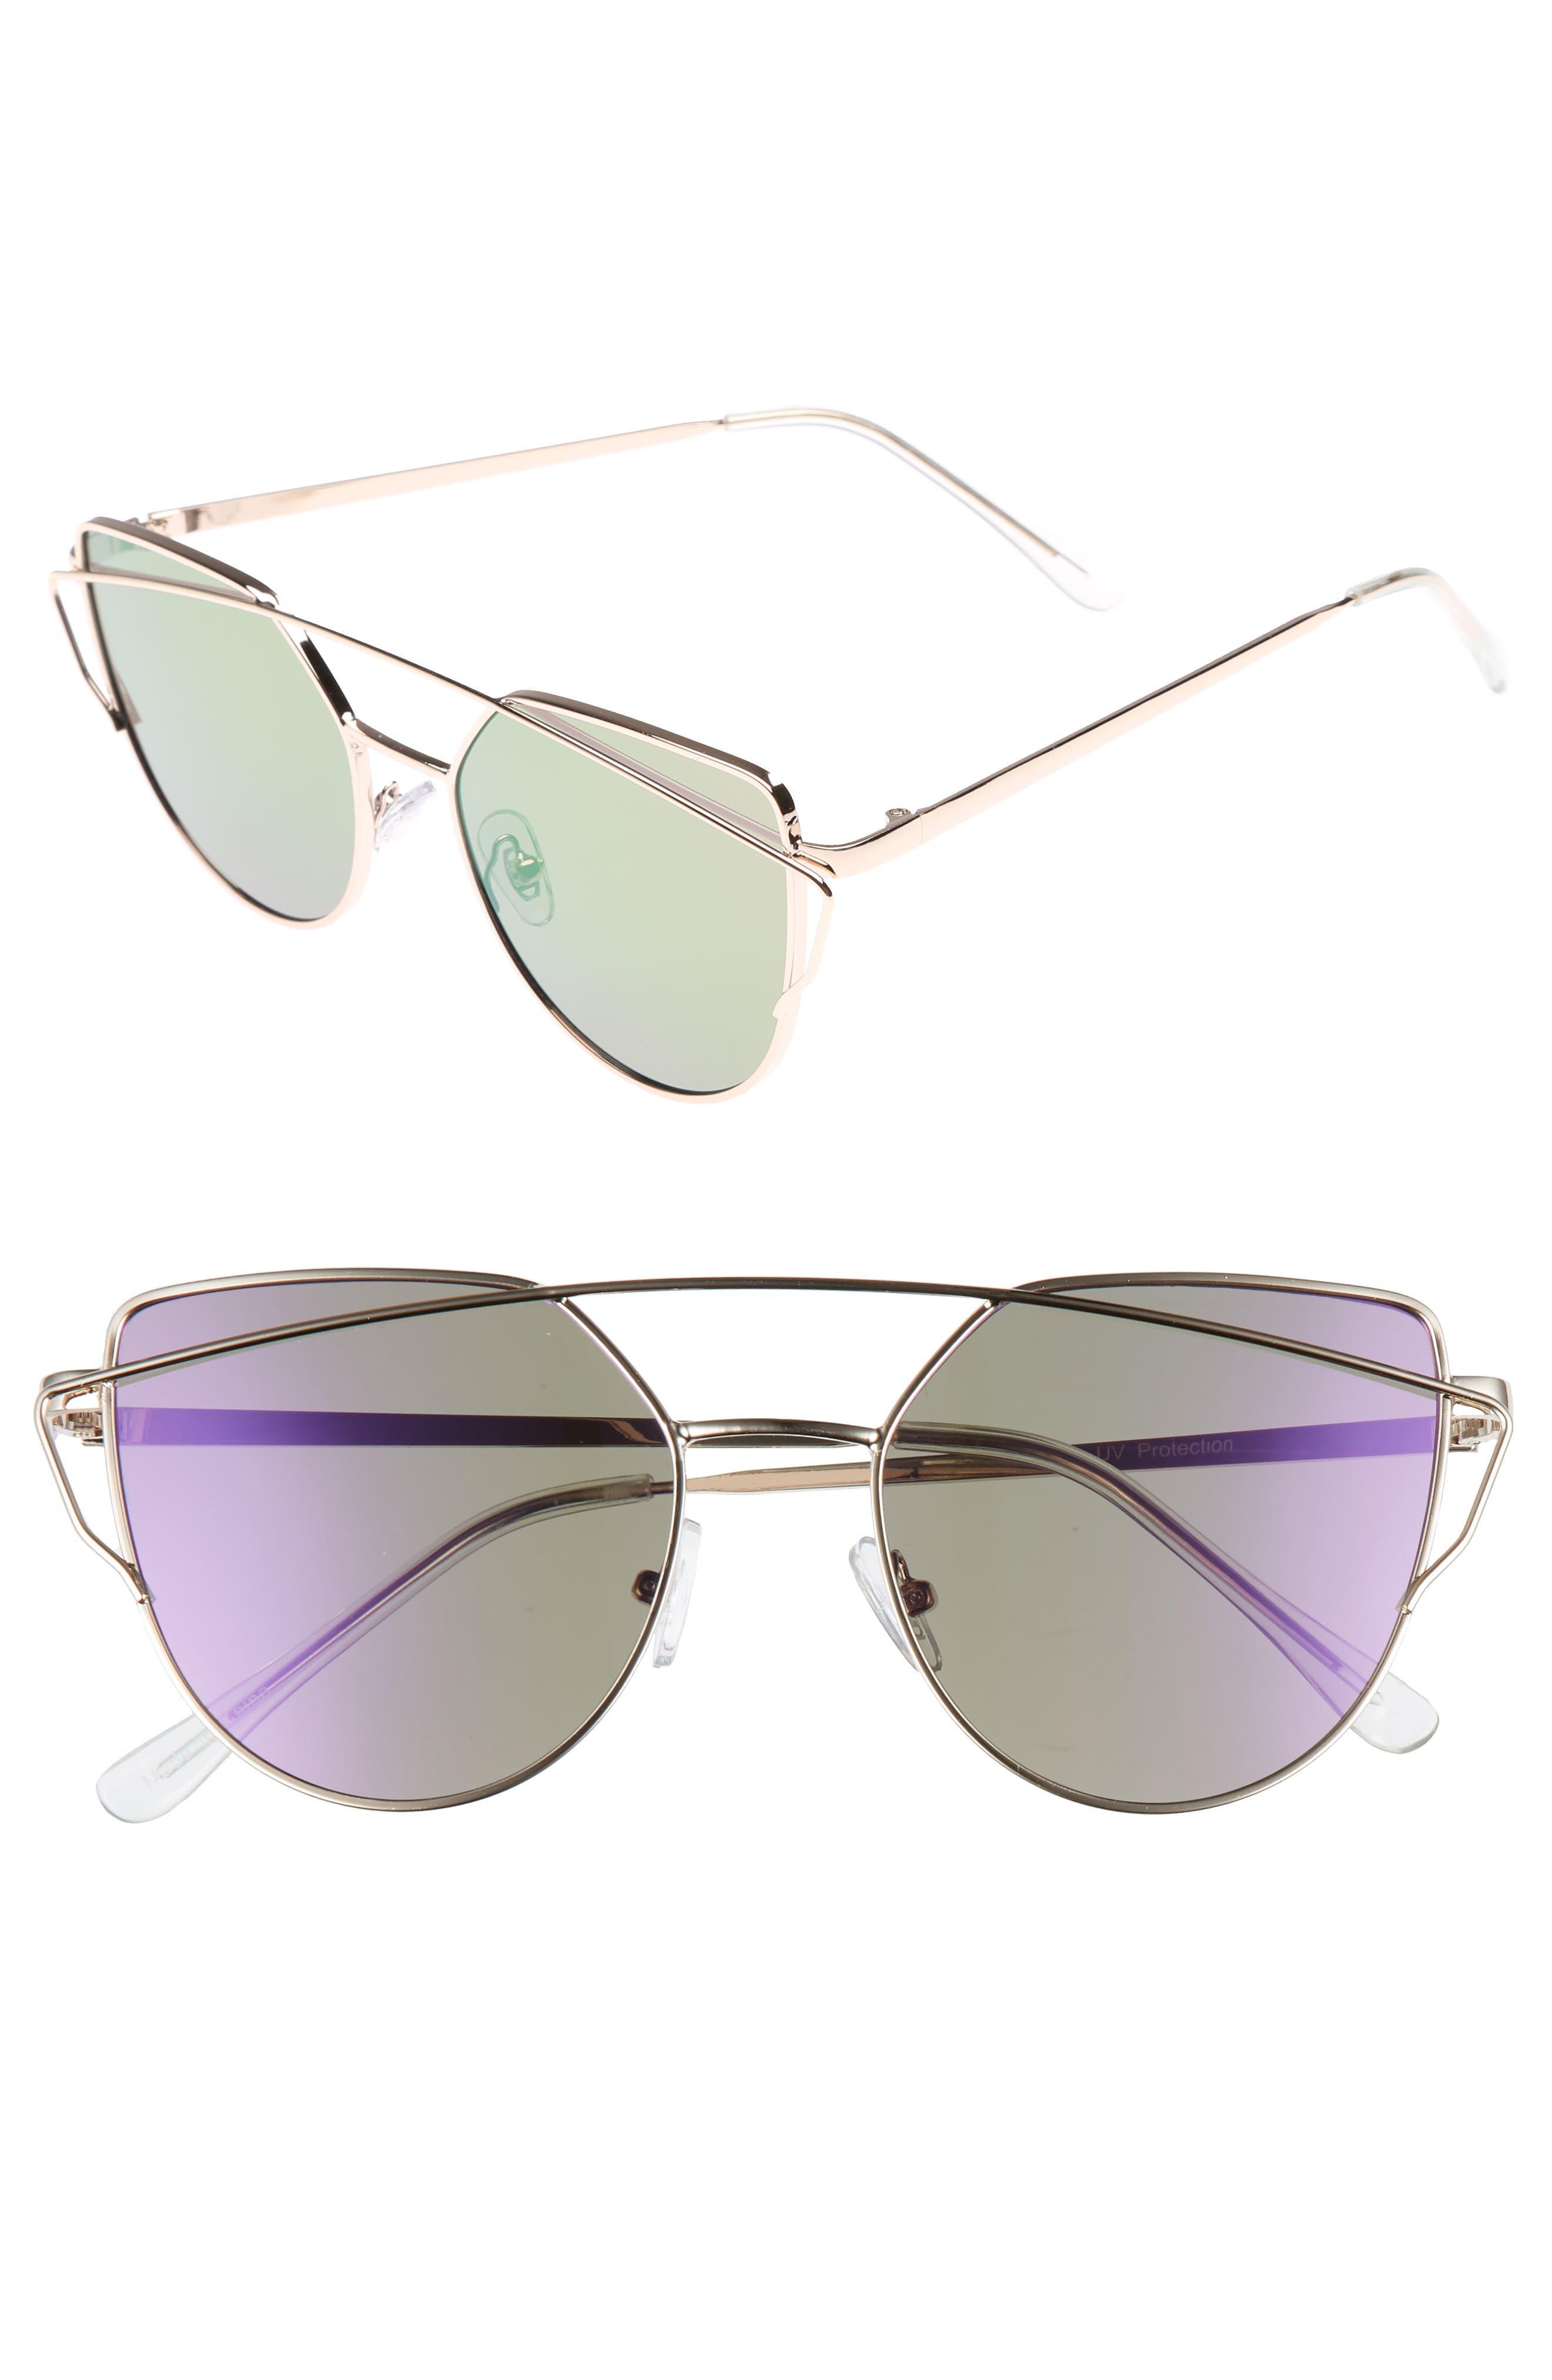 Main Image - BP. 52mm Thin Brow Angular Aviator Sunglasses